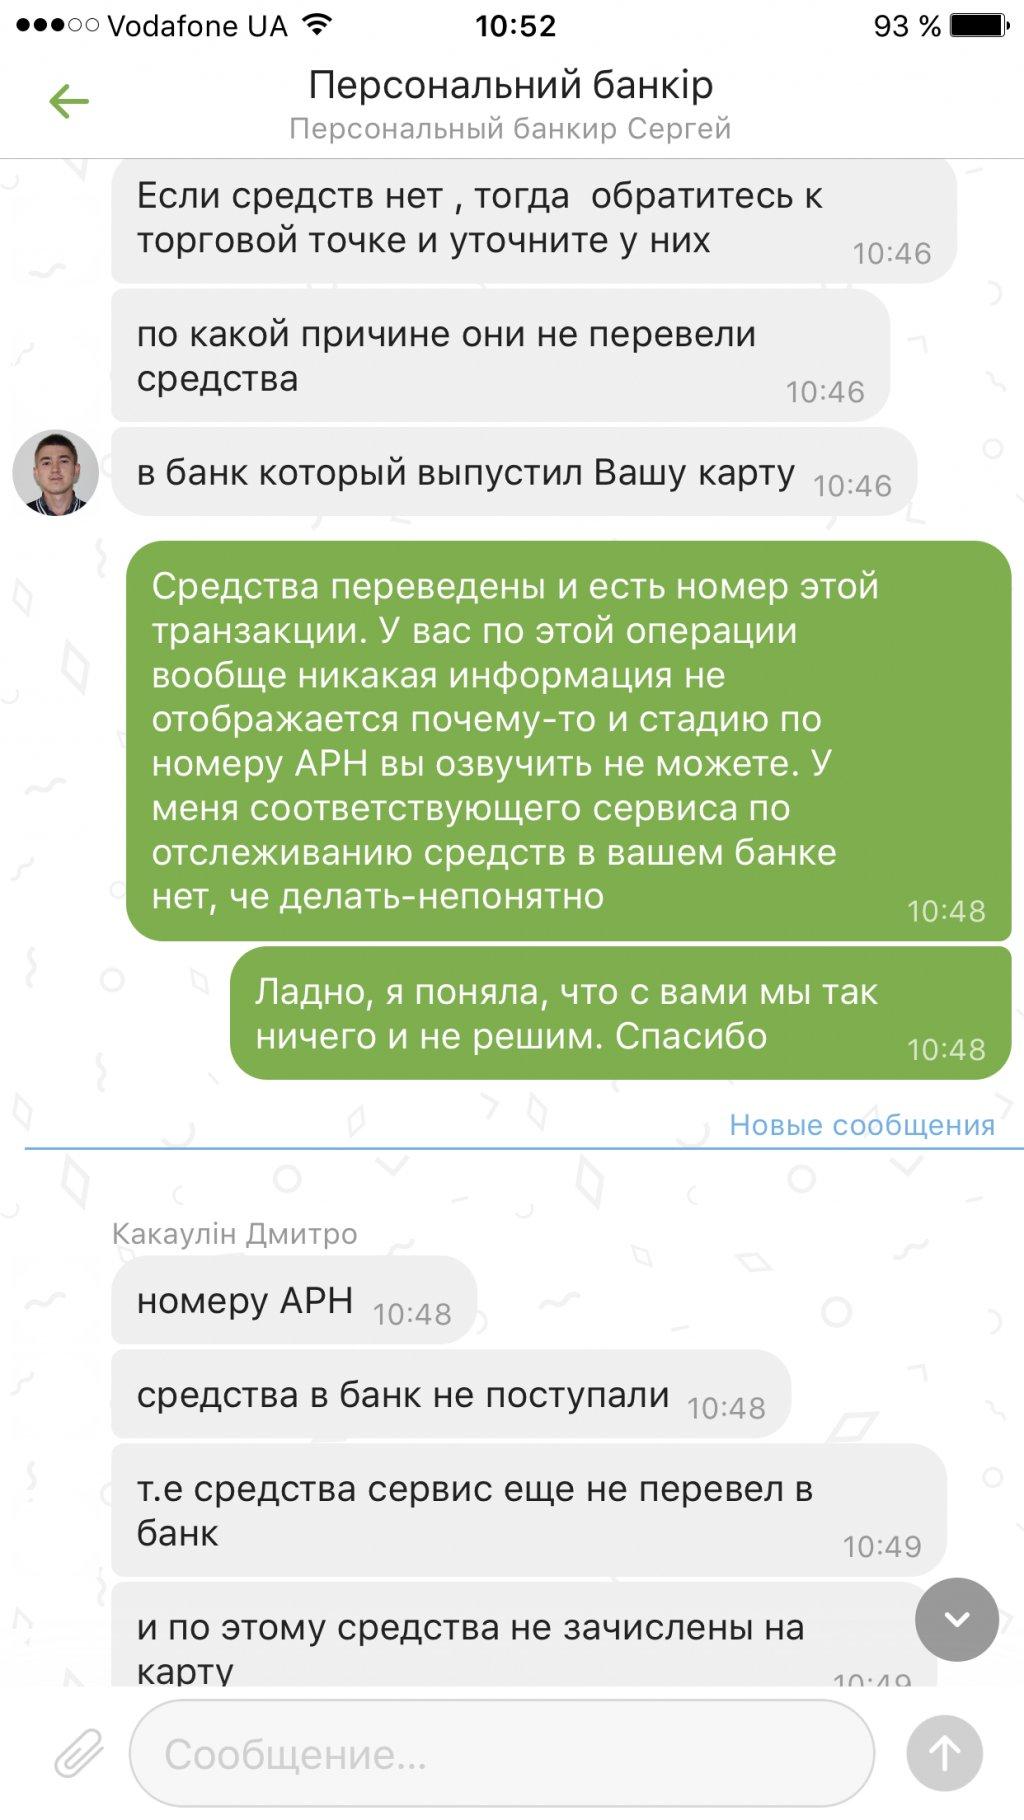 ПриватБанк - Онлайн-менеджеры Привата-это нечто!